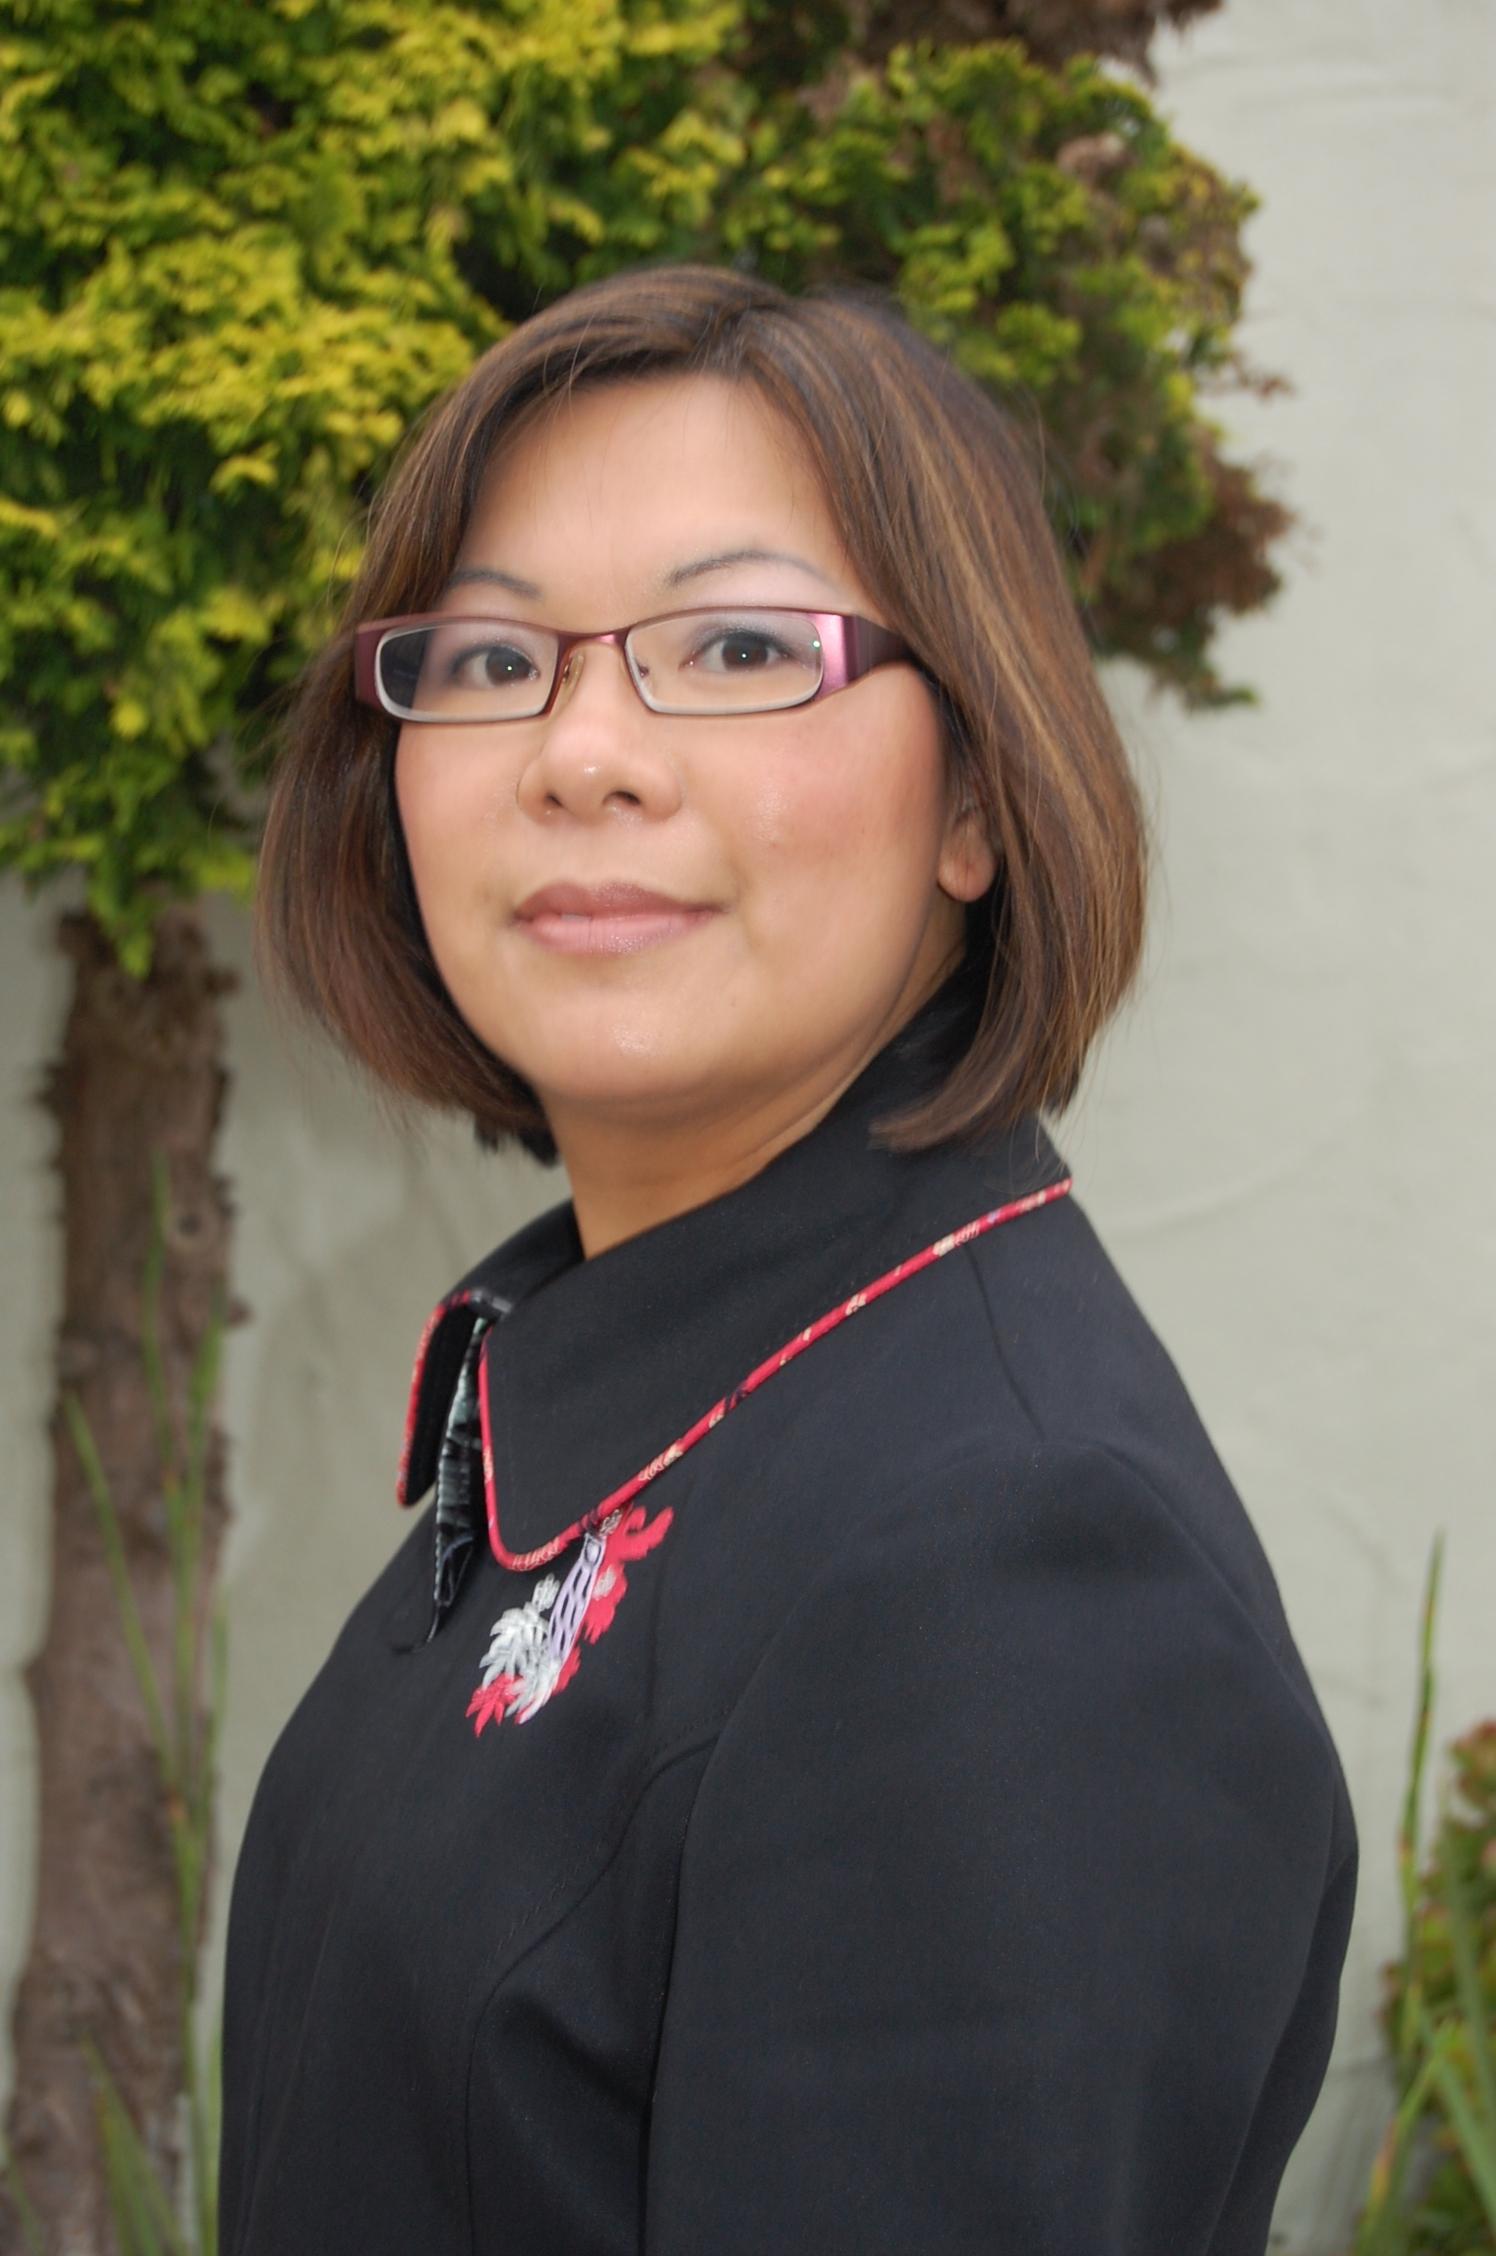 Teacher Mindy